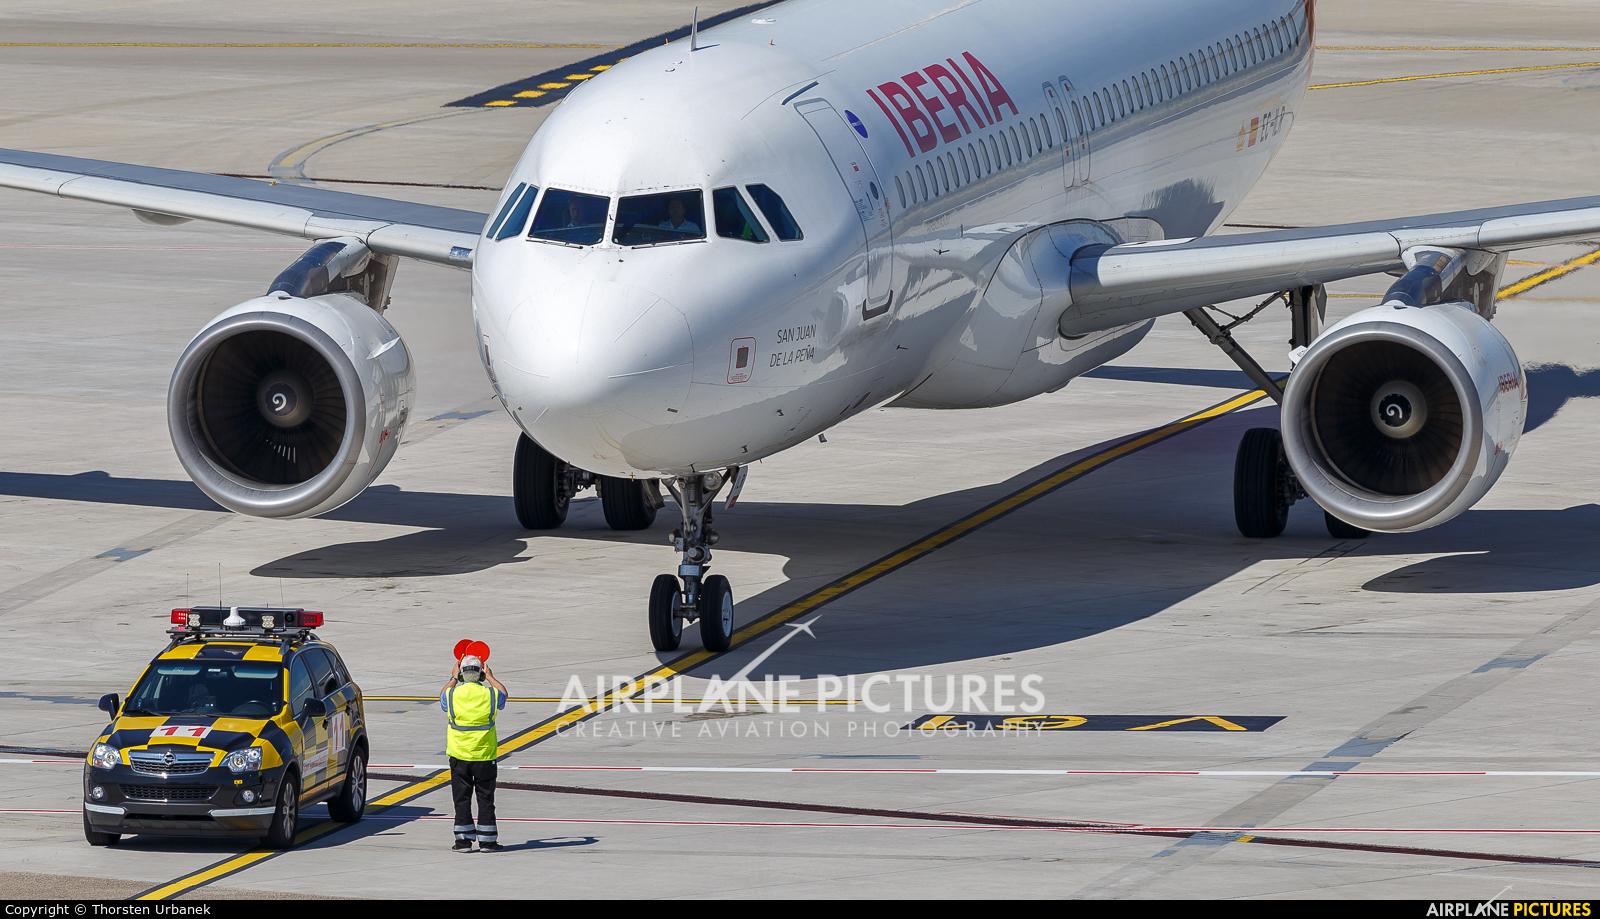 Iberia EC-ILR aircraft at Düsseldorf